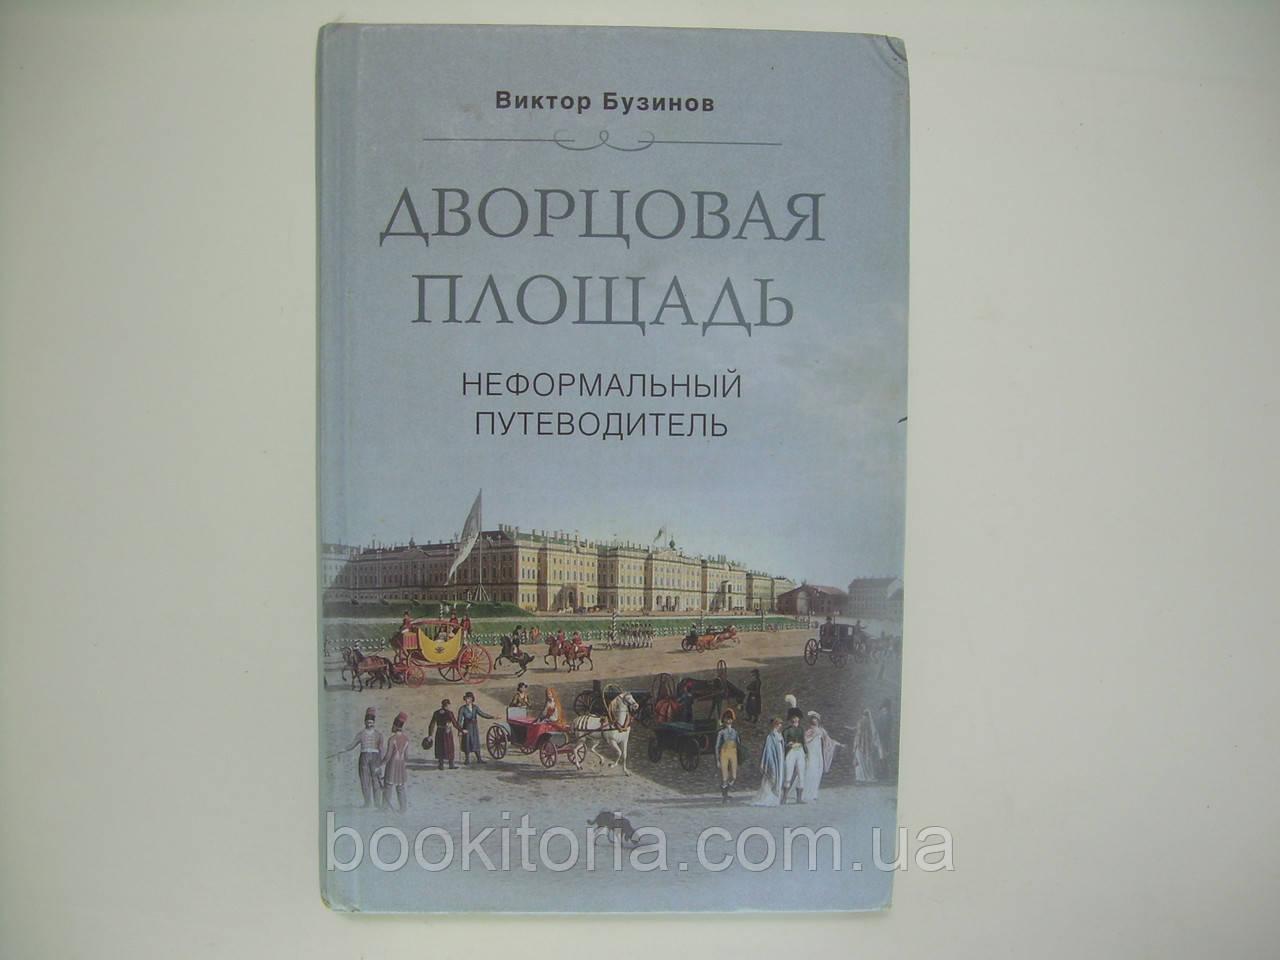 Бузинов В. Дворцовая площадь: неформальный путеводитель (б/у).